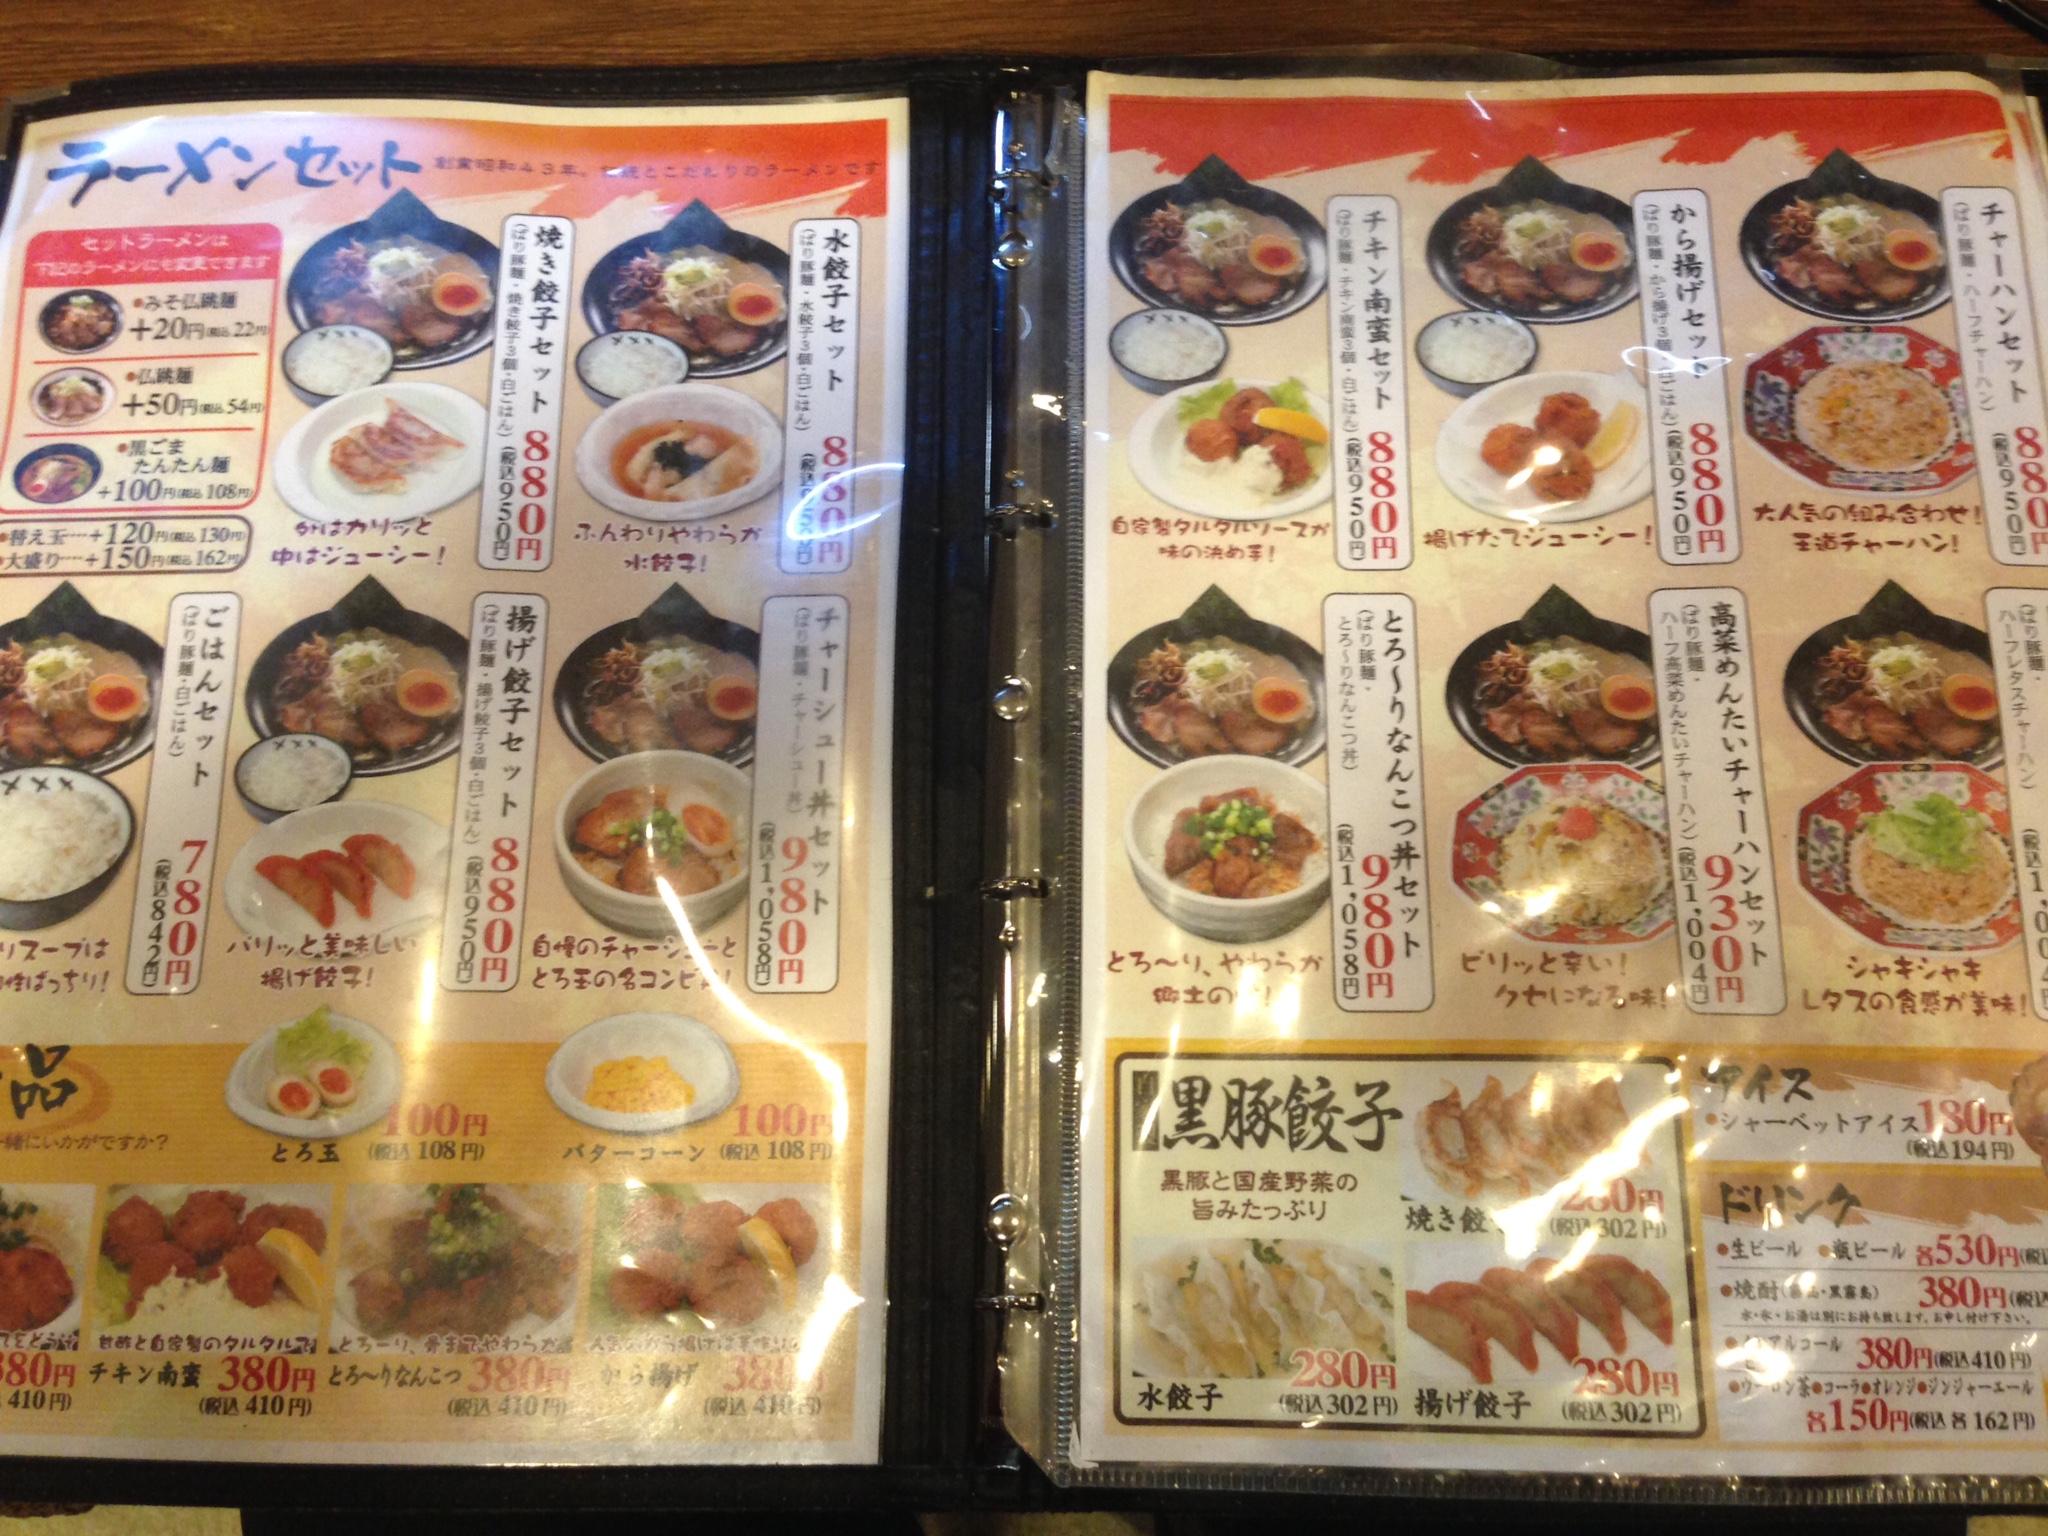 黒豚ラーメン『仏跳麺』都城店メニュー